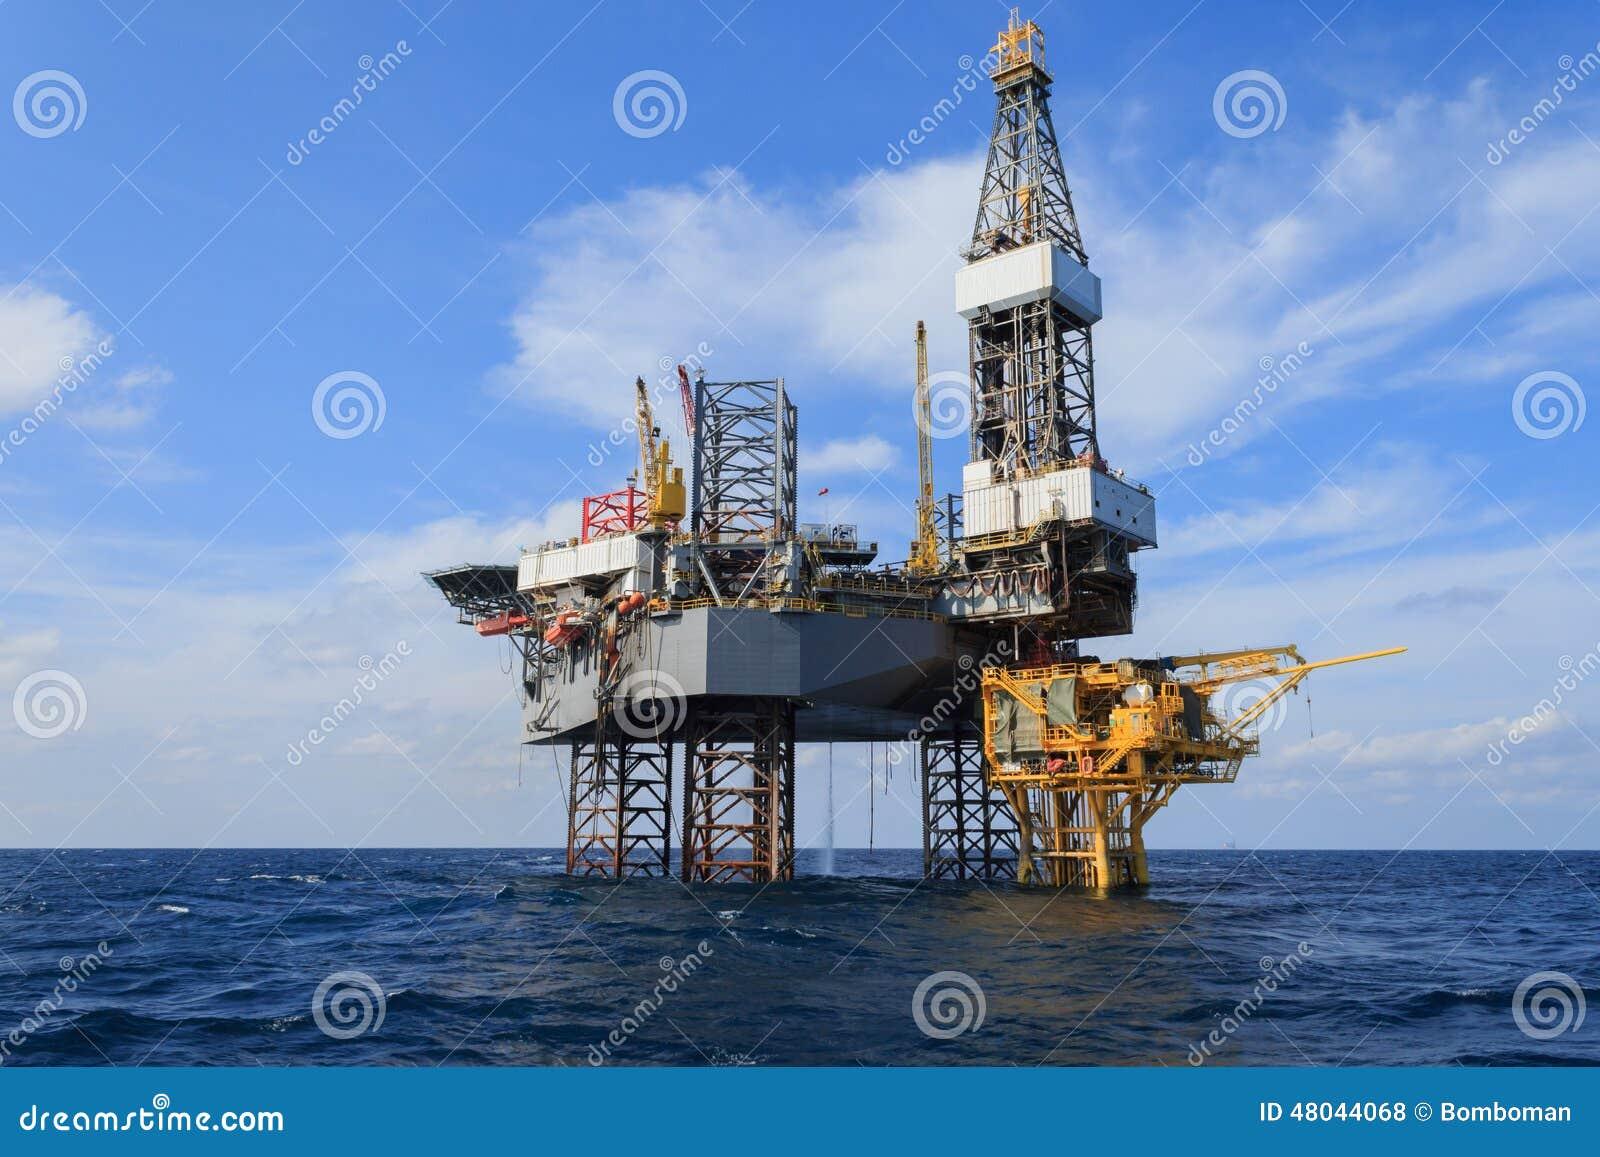 Frånlands- Jack Up Drilling Rig Over produktionplattformen